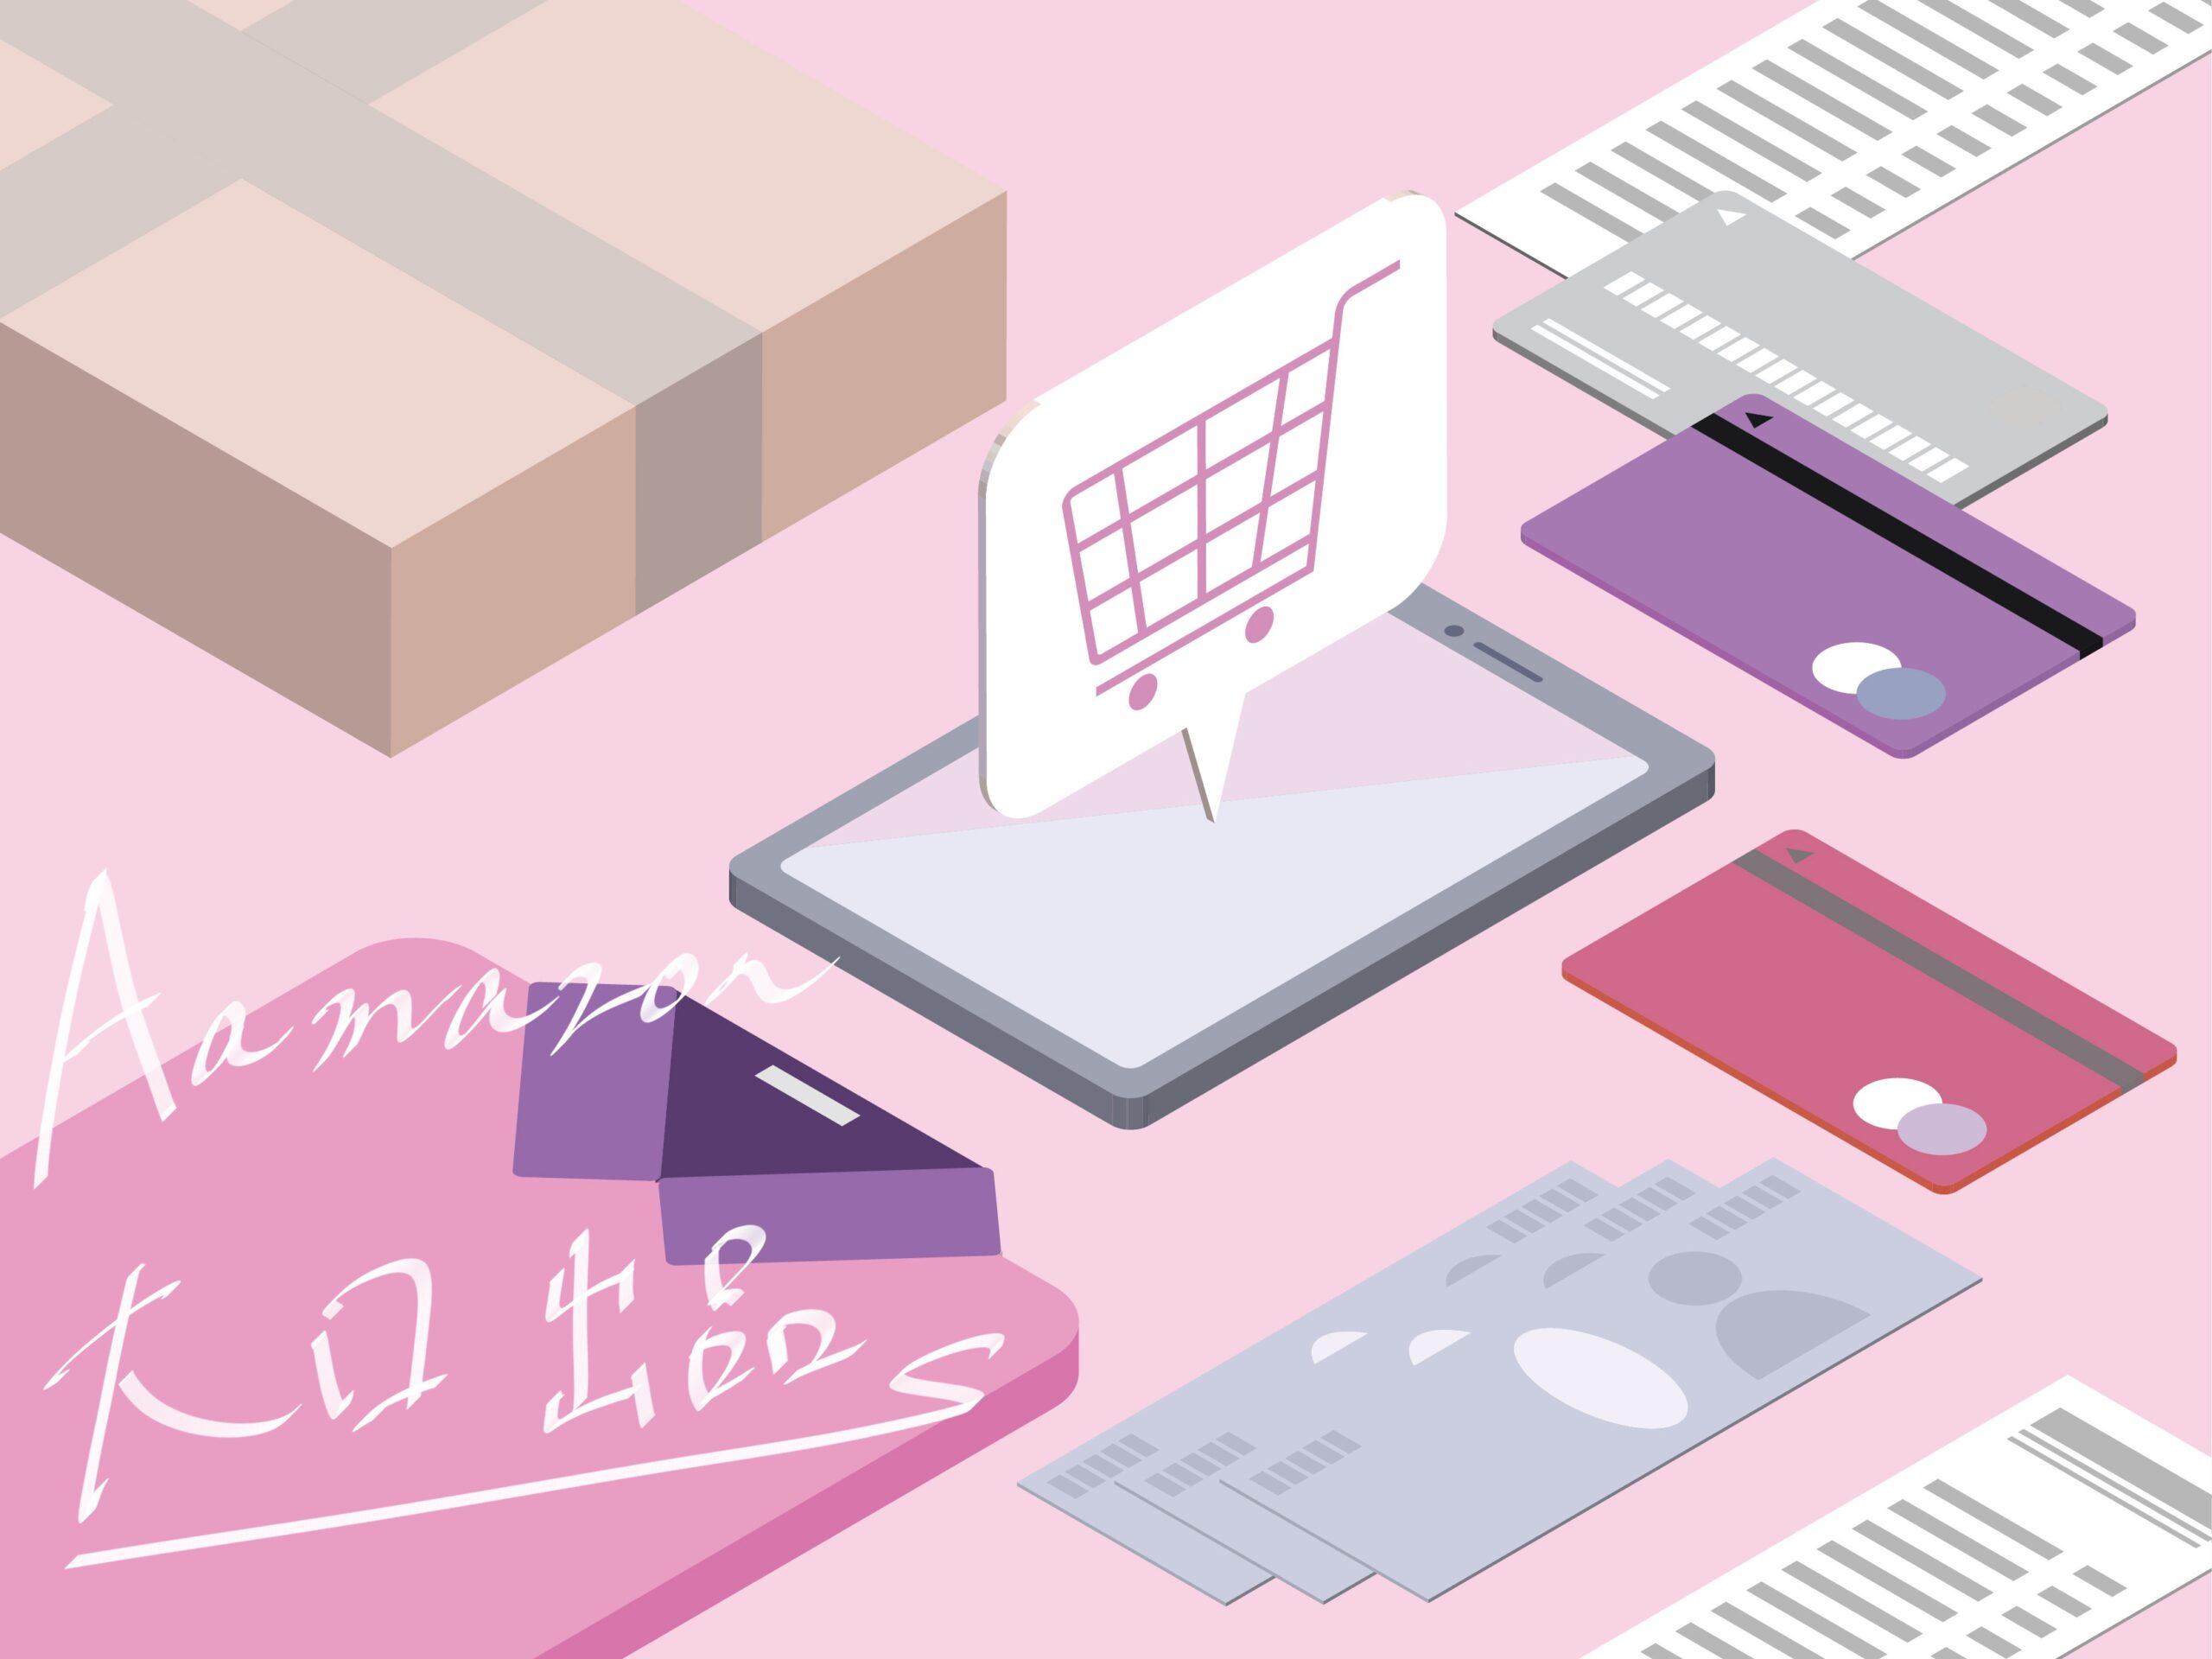 【出品者必見】徹底解説!Amazon大口出品の6つのメリット